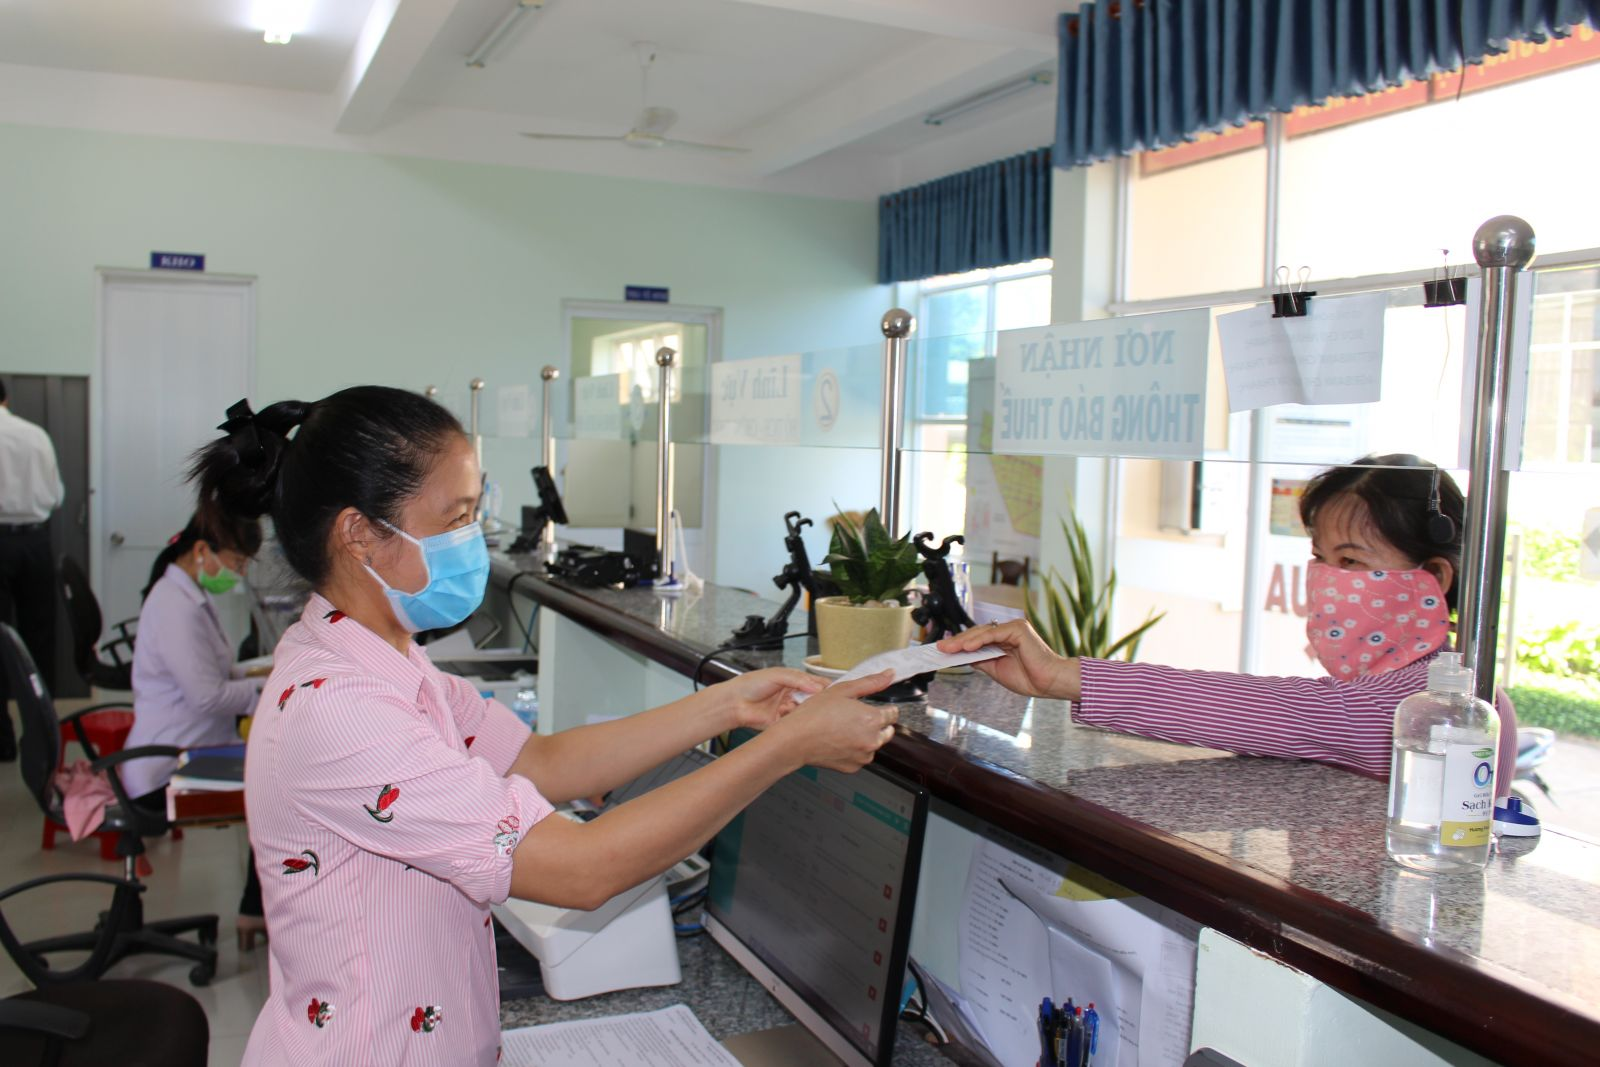 Trung tâm Hành chính công huyện Tân Thạnh được thành lập và đi vào hoạt động giúp người dân vùng sâu, vùng xa thuận tiện hơn trong giải quyết thủ tục hành chính